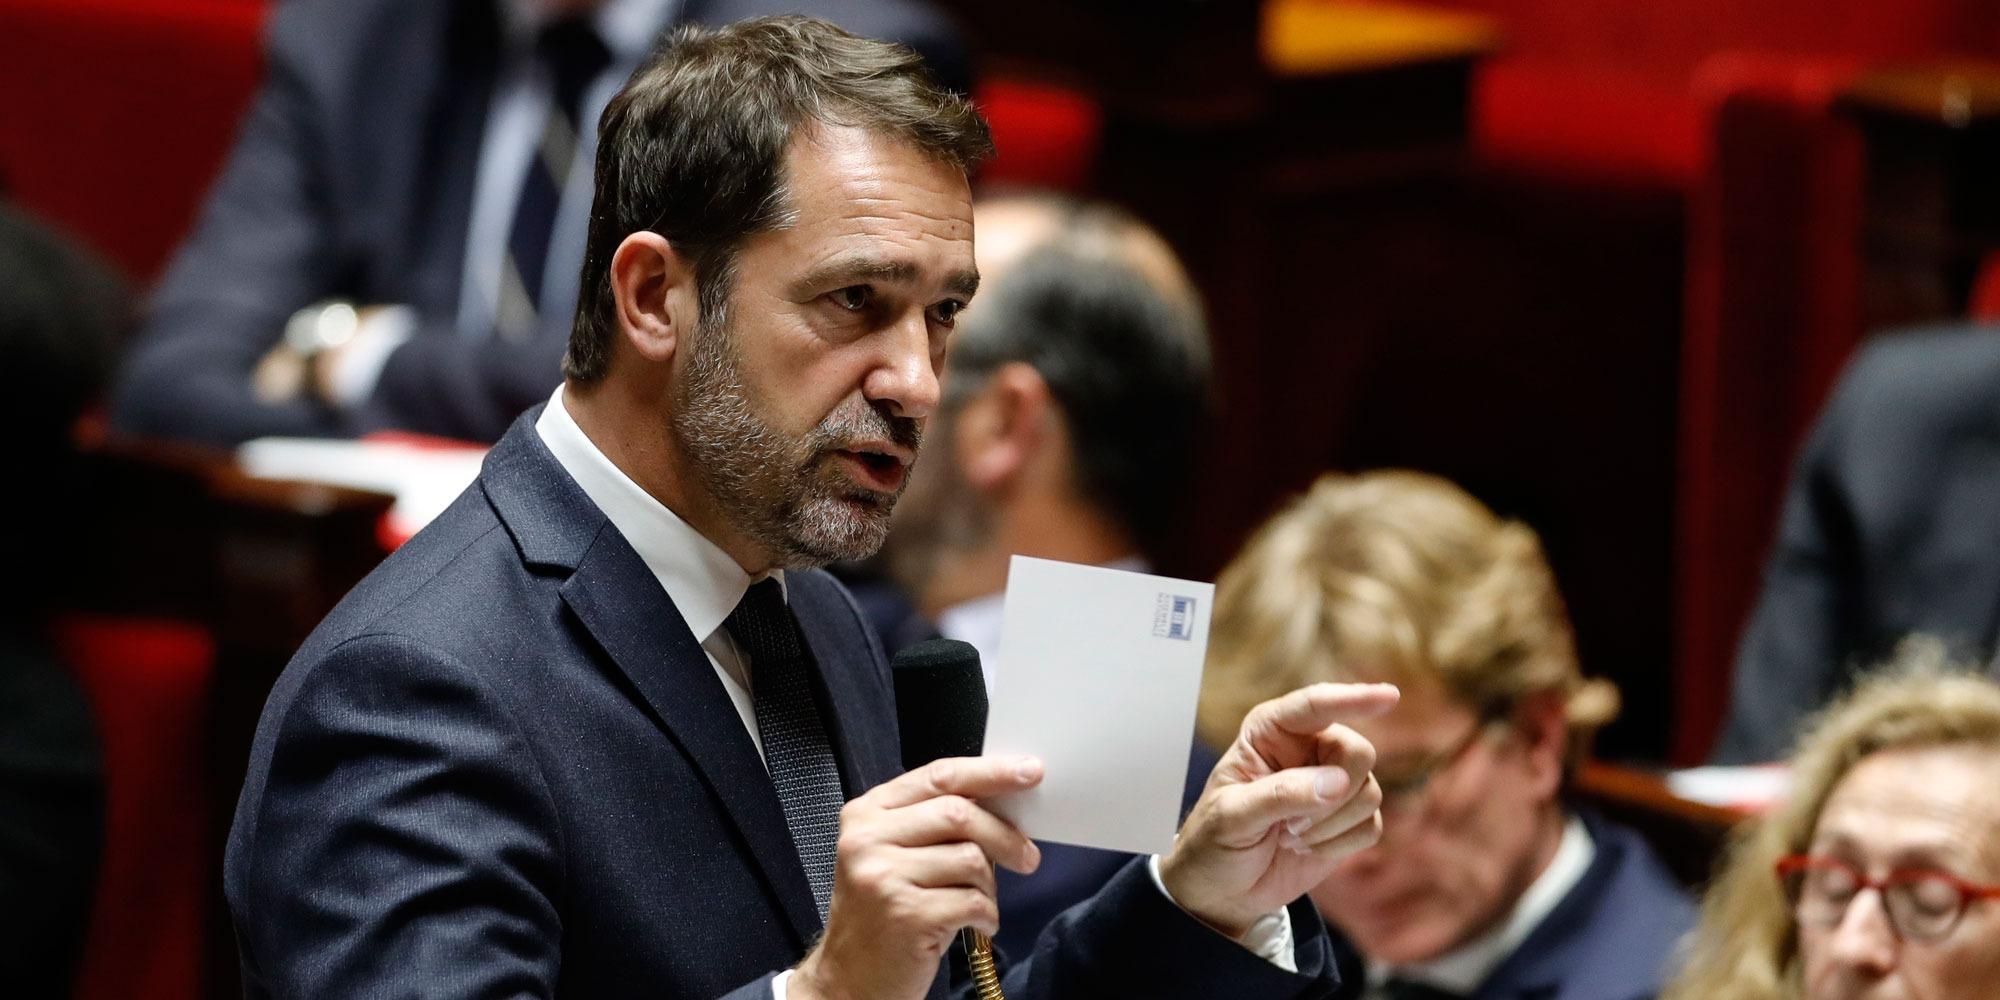 Christophe Castaner évoque la vie privée d'Olivier Faure et suscite un tollé politique